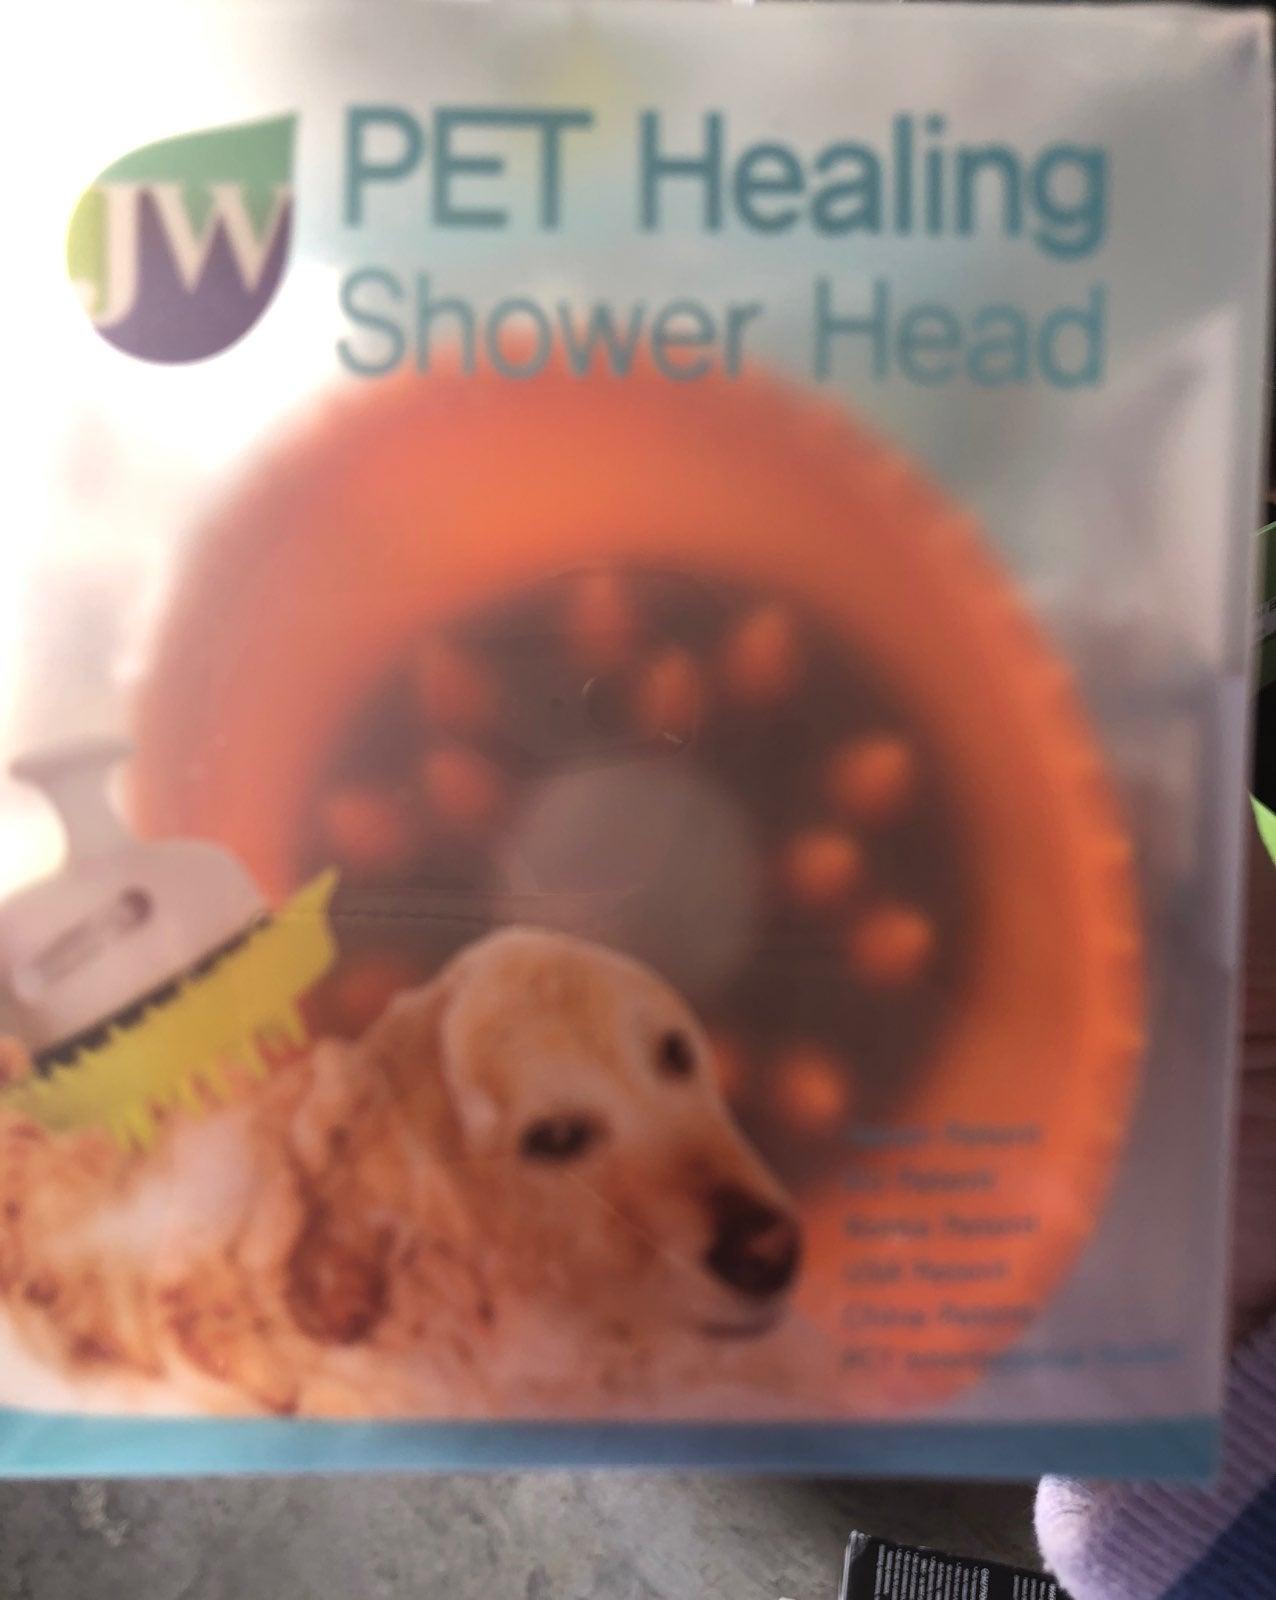 New Jw Pet Healing Shower Head